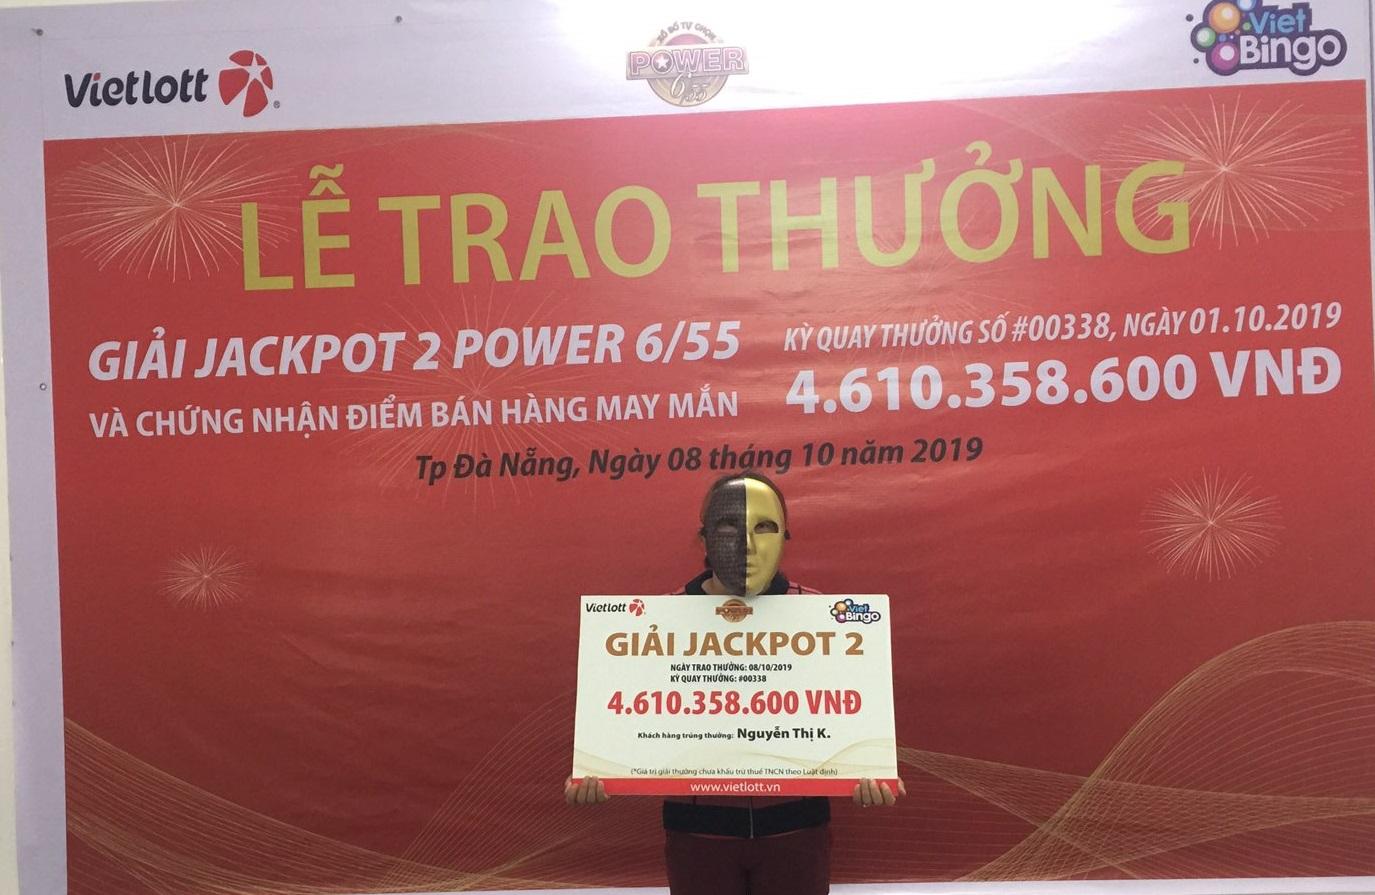 khach-hang-trung-jackpot-2-tai-da-nang-lam-nghe-ban-ve-so-dao-2